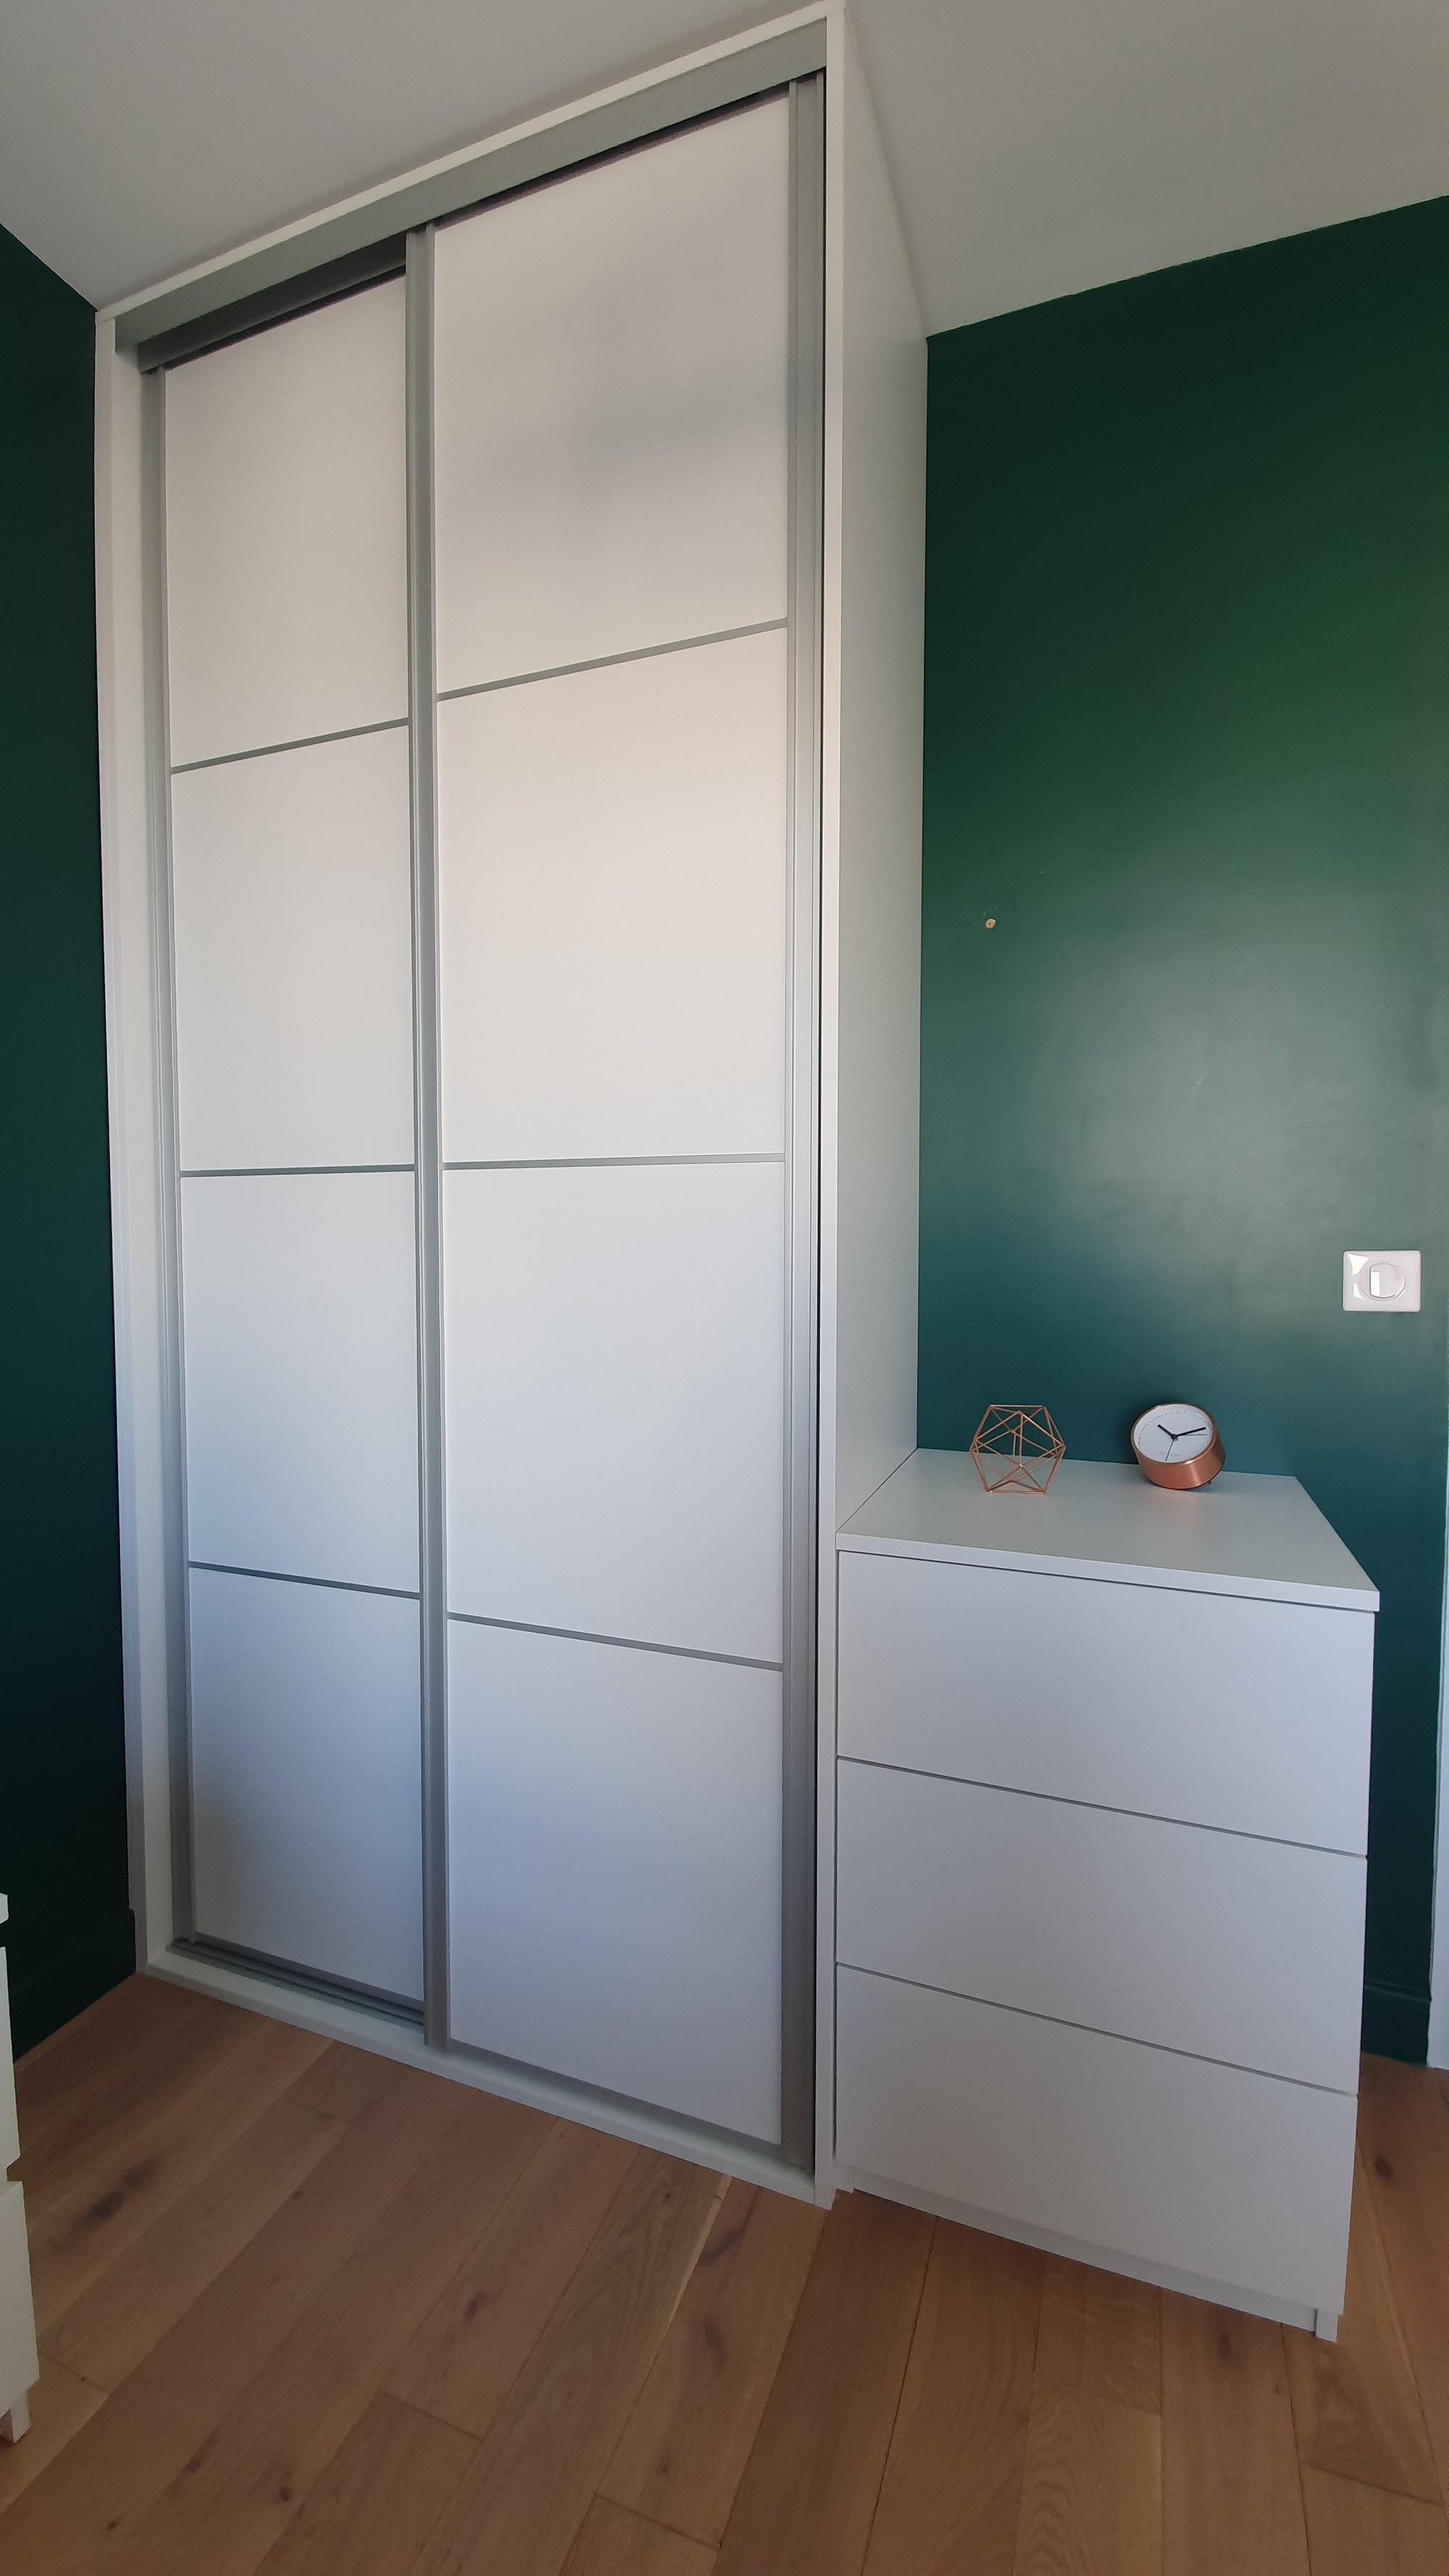 espace-placard-portes-coulissantes-3-1